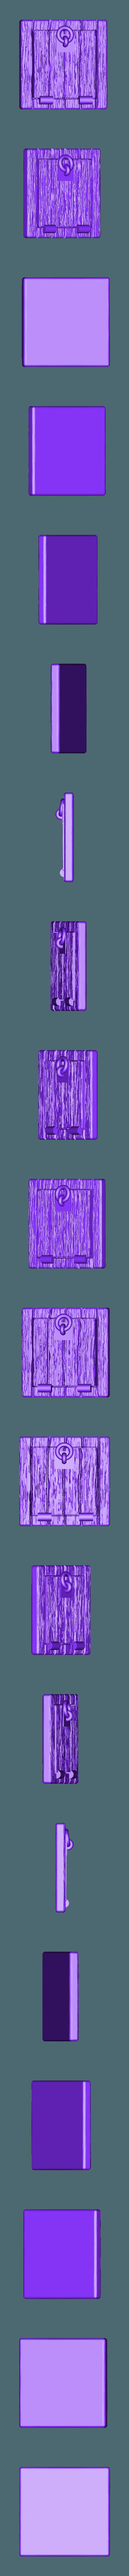 mansion11.OBJ Télécharger fichier OBJ meubles pour manoir de folie • Modèle pour imprimante 3D, 3DRune